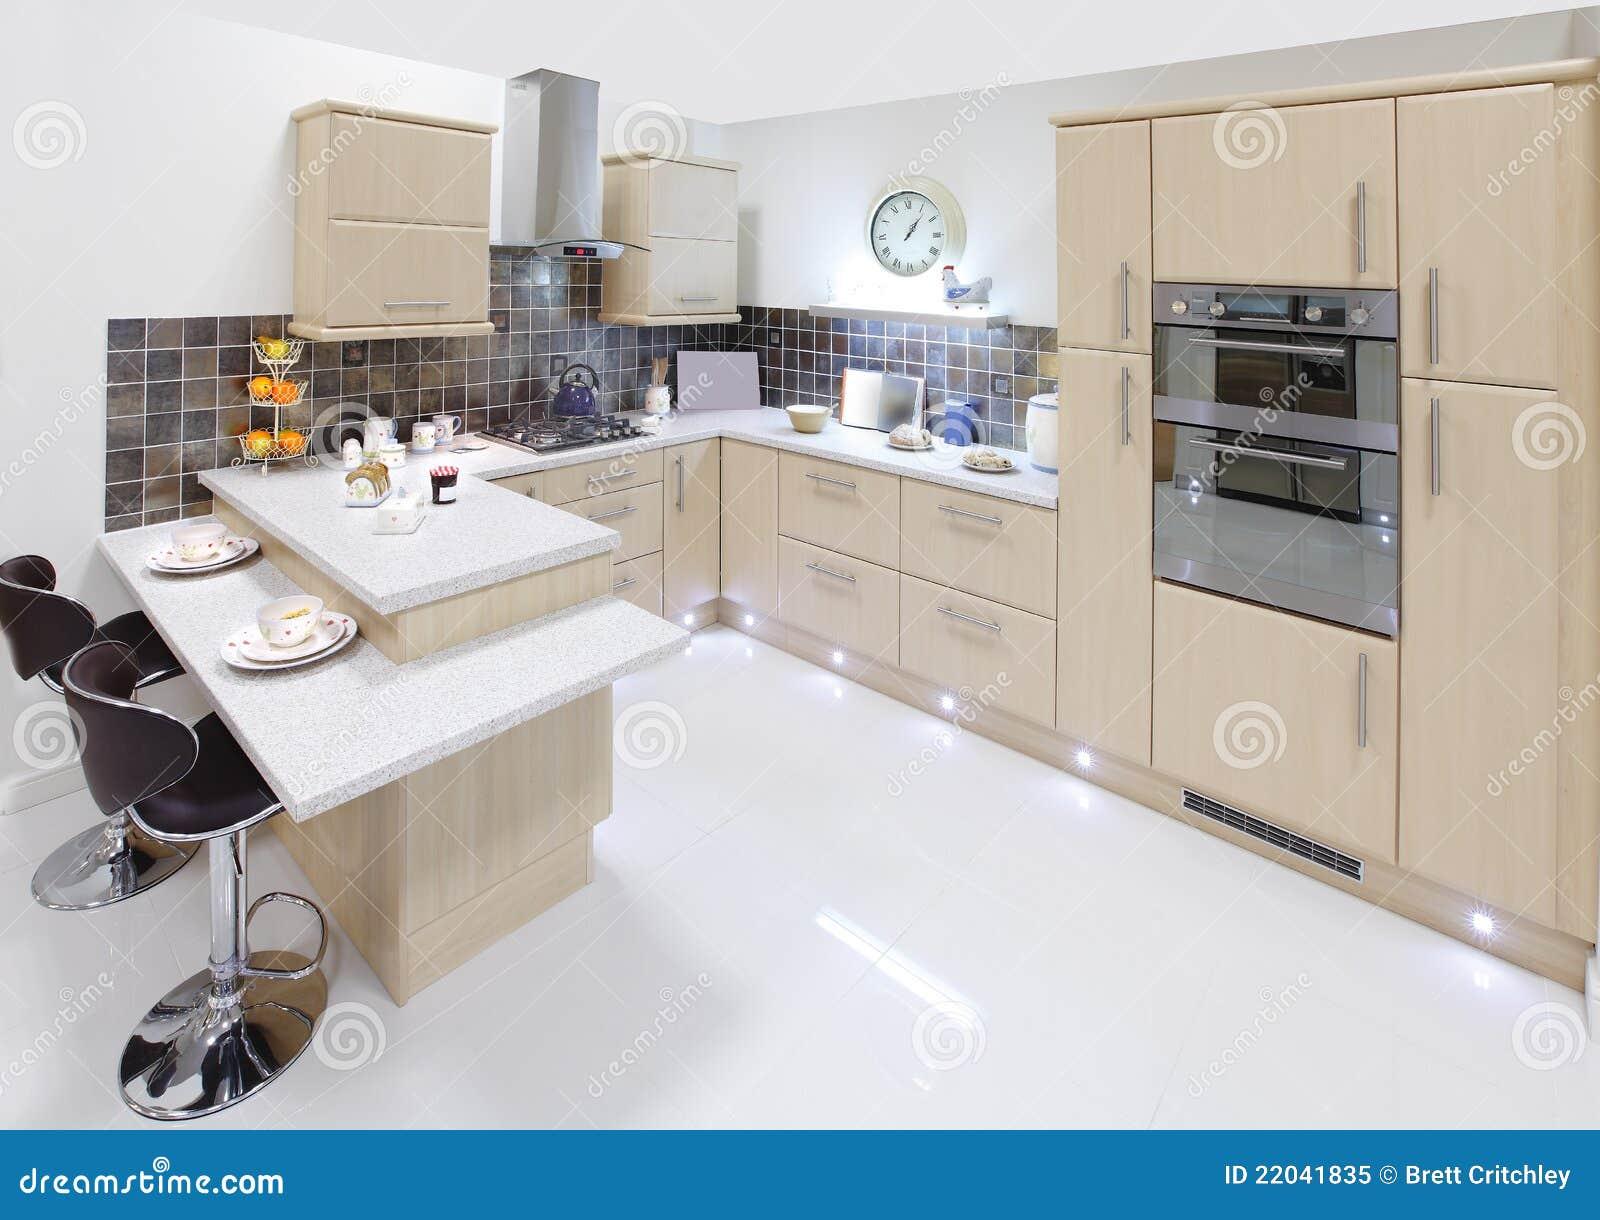 Cocina interior casera moderna